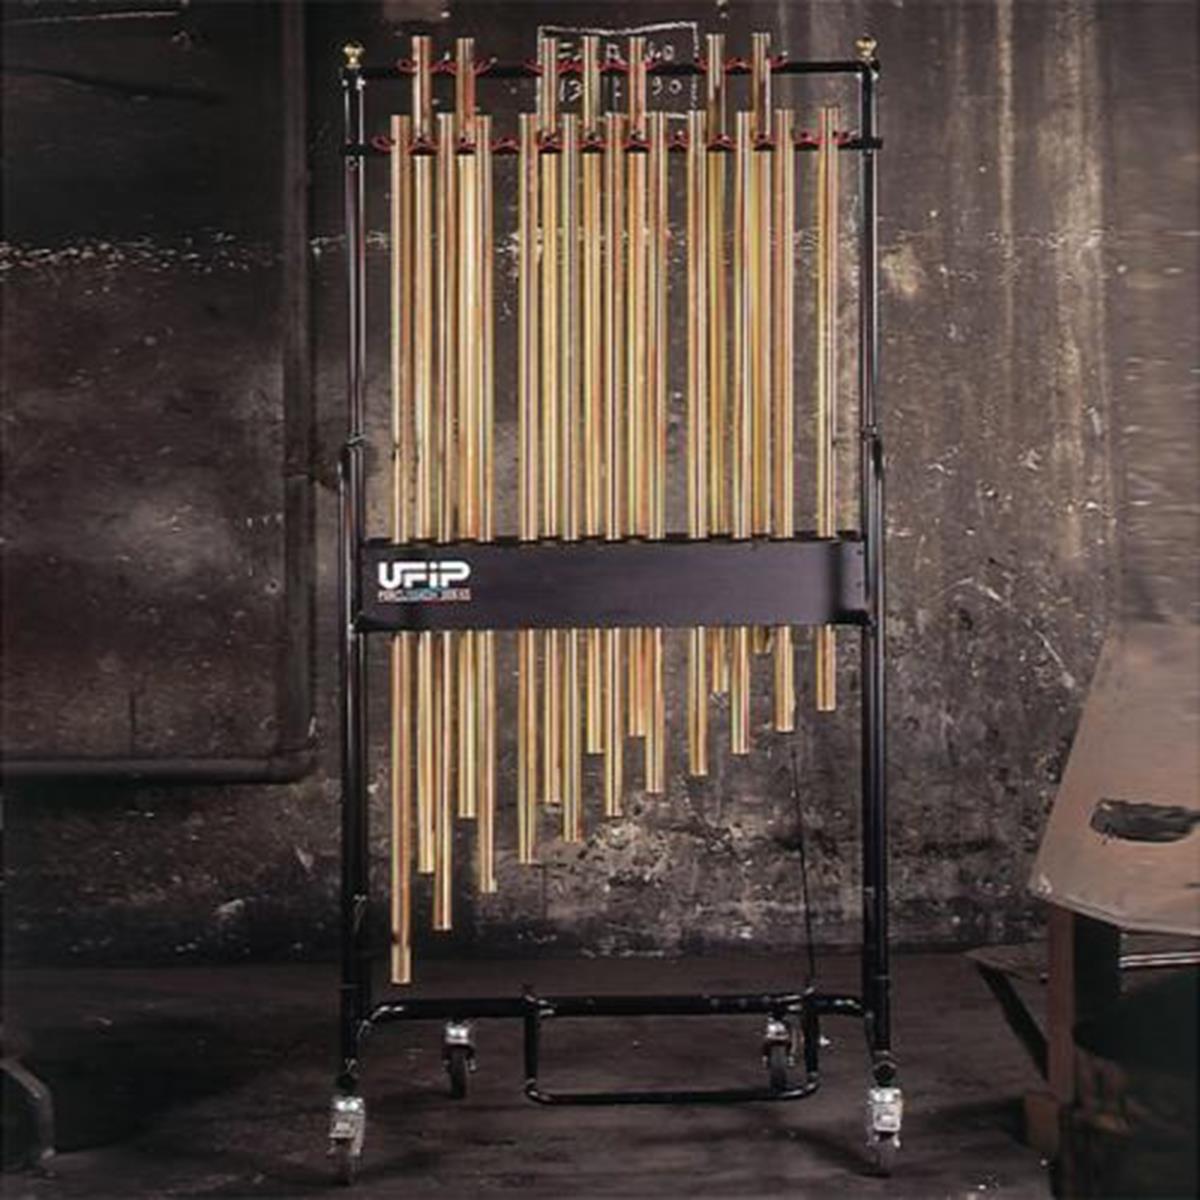 UFIP PETUB-ST - Stand per 1 ottava campane tubolari